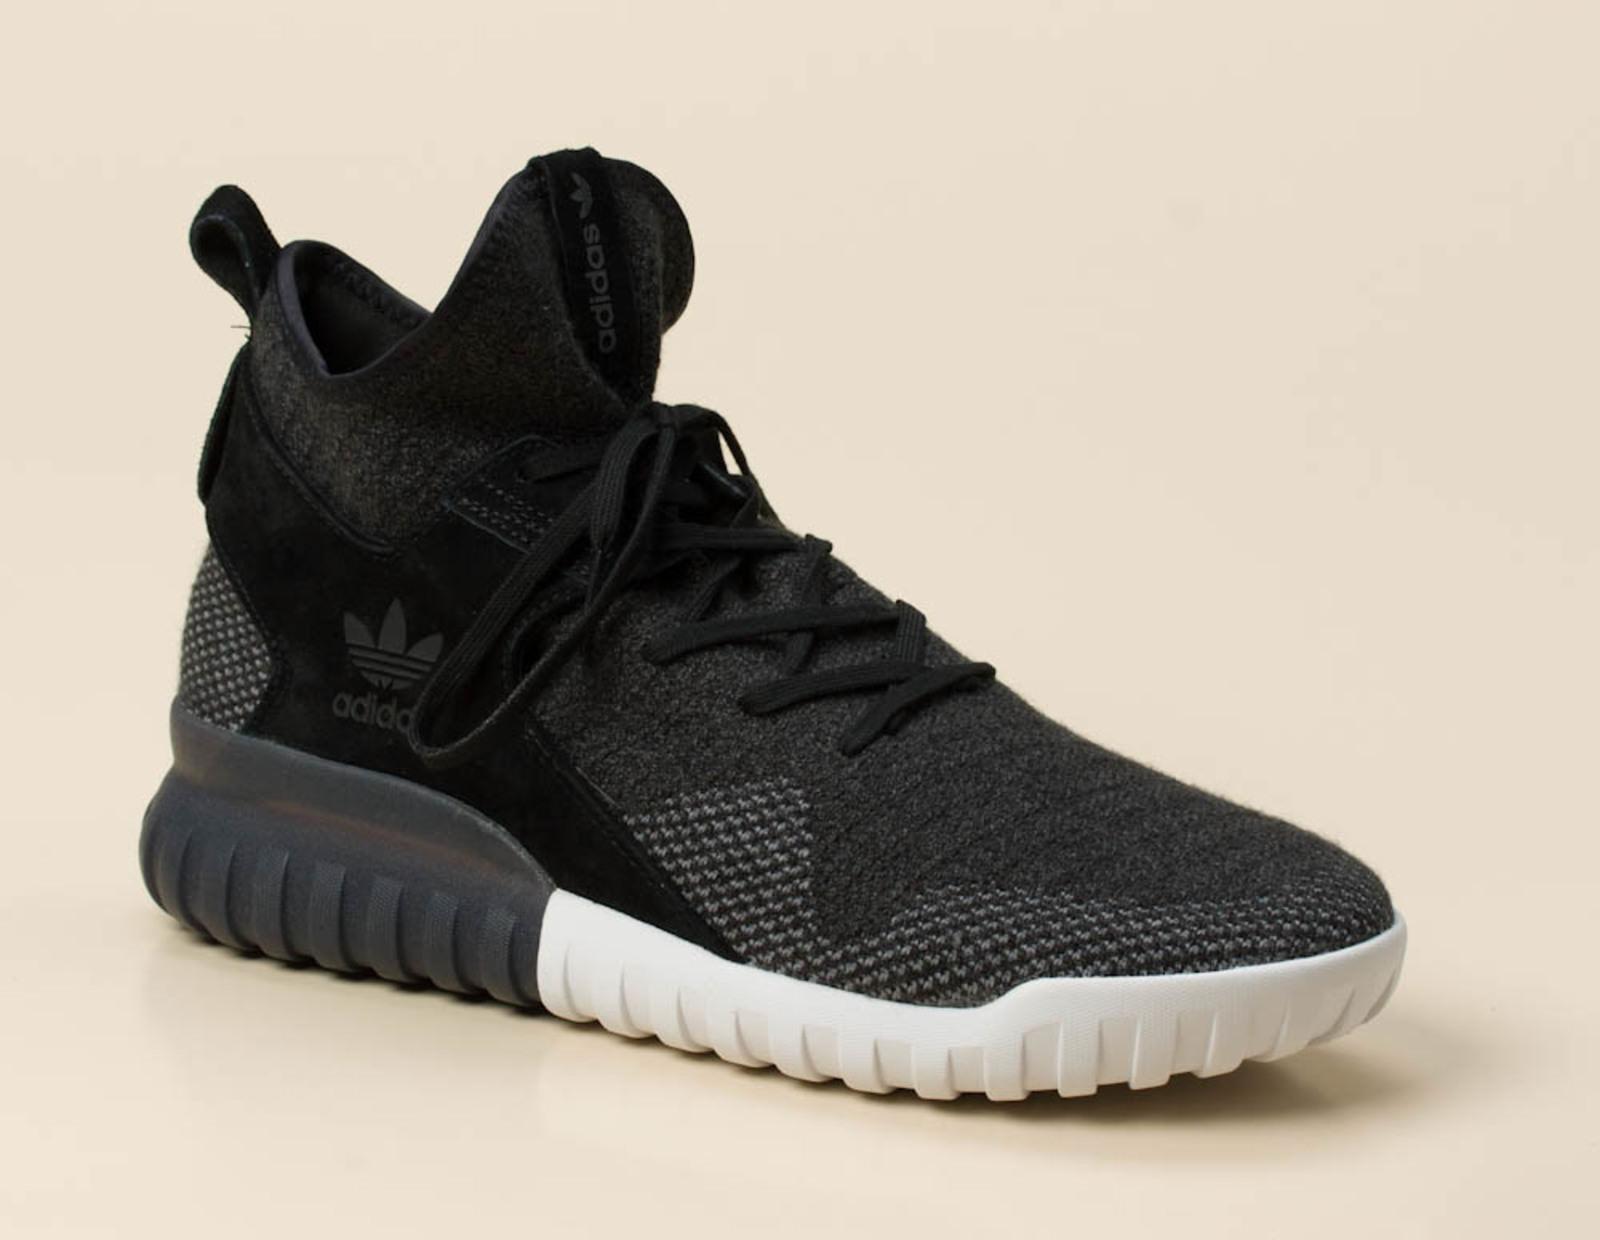 Adidas Herren Sneaker high in schwarz kaufen   Zumnorde Online-Shop 9425d39cdc